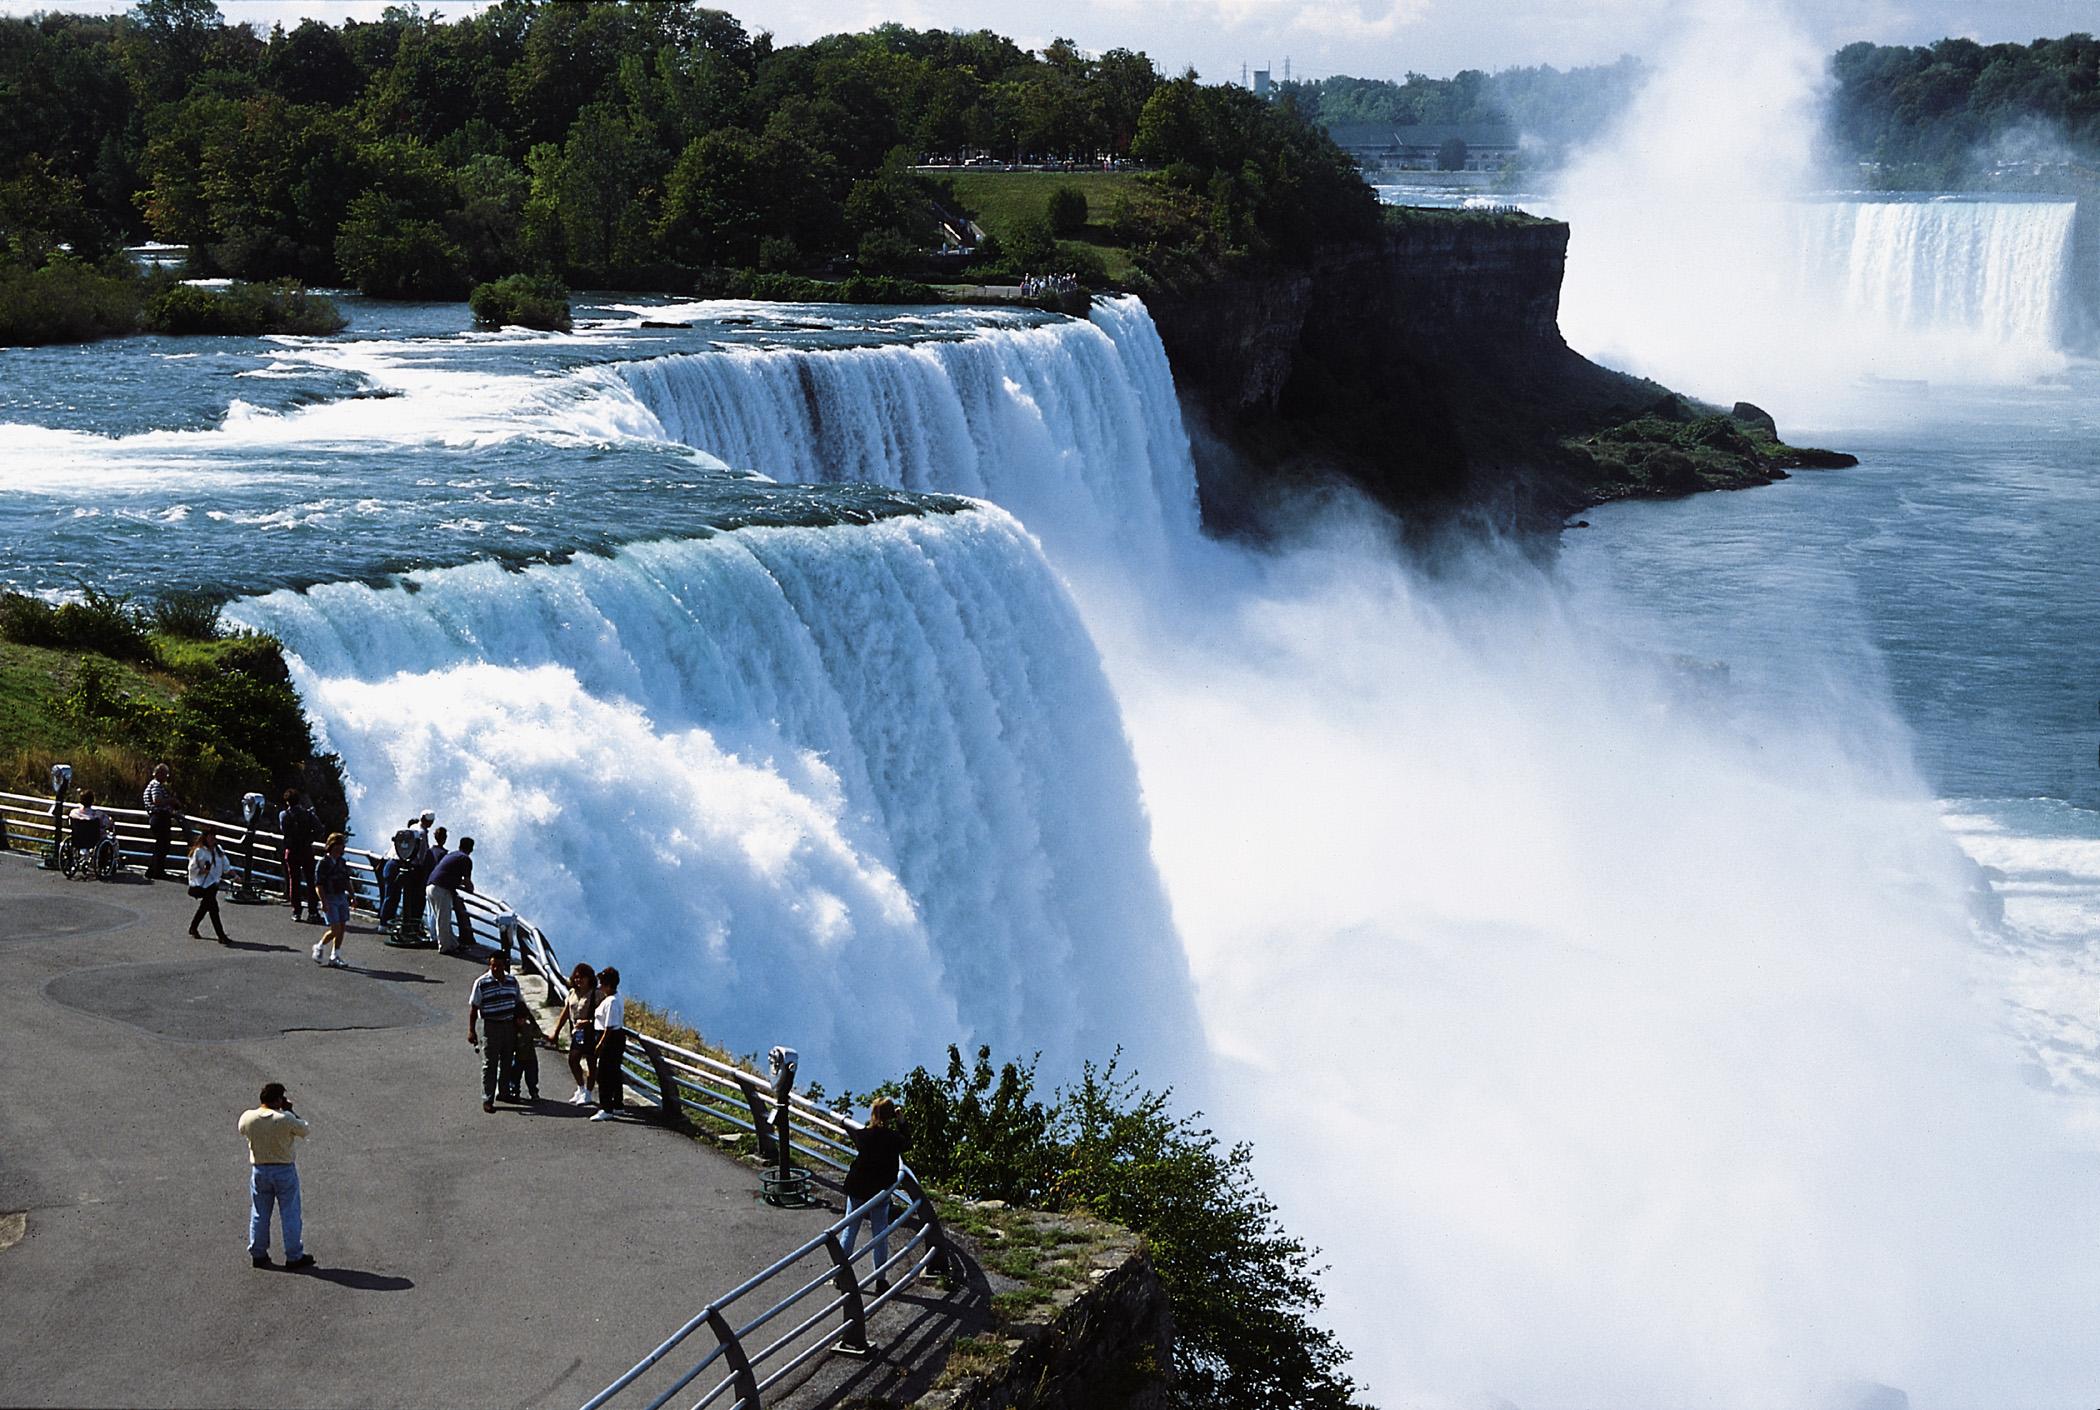 Landscape Photography Of Niagara Falls Ontario 1 Landscape Photography Of Niagara Falls Ontario